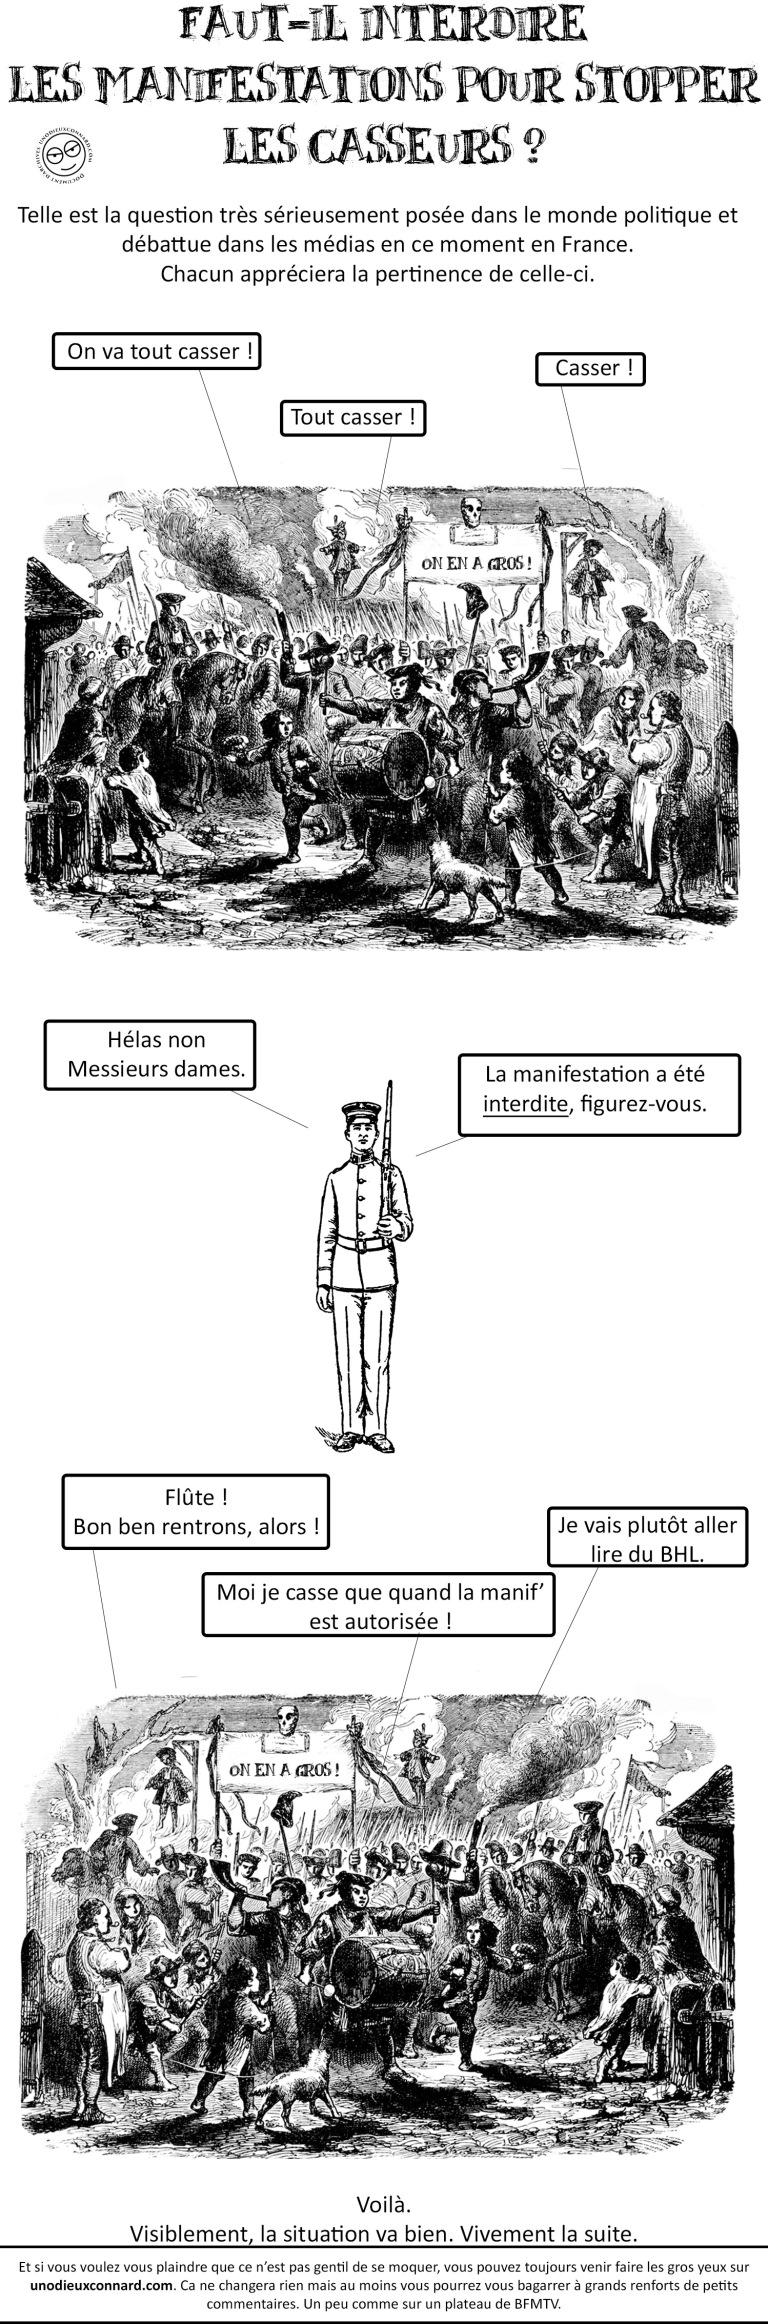 En Marche vers la dictature!  - Page 4 Casseurs